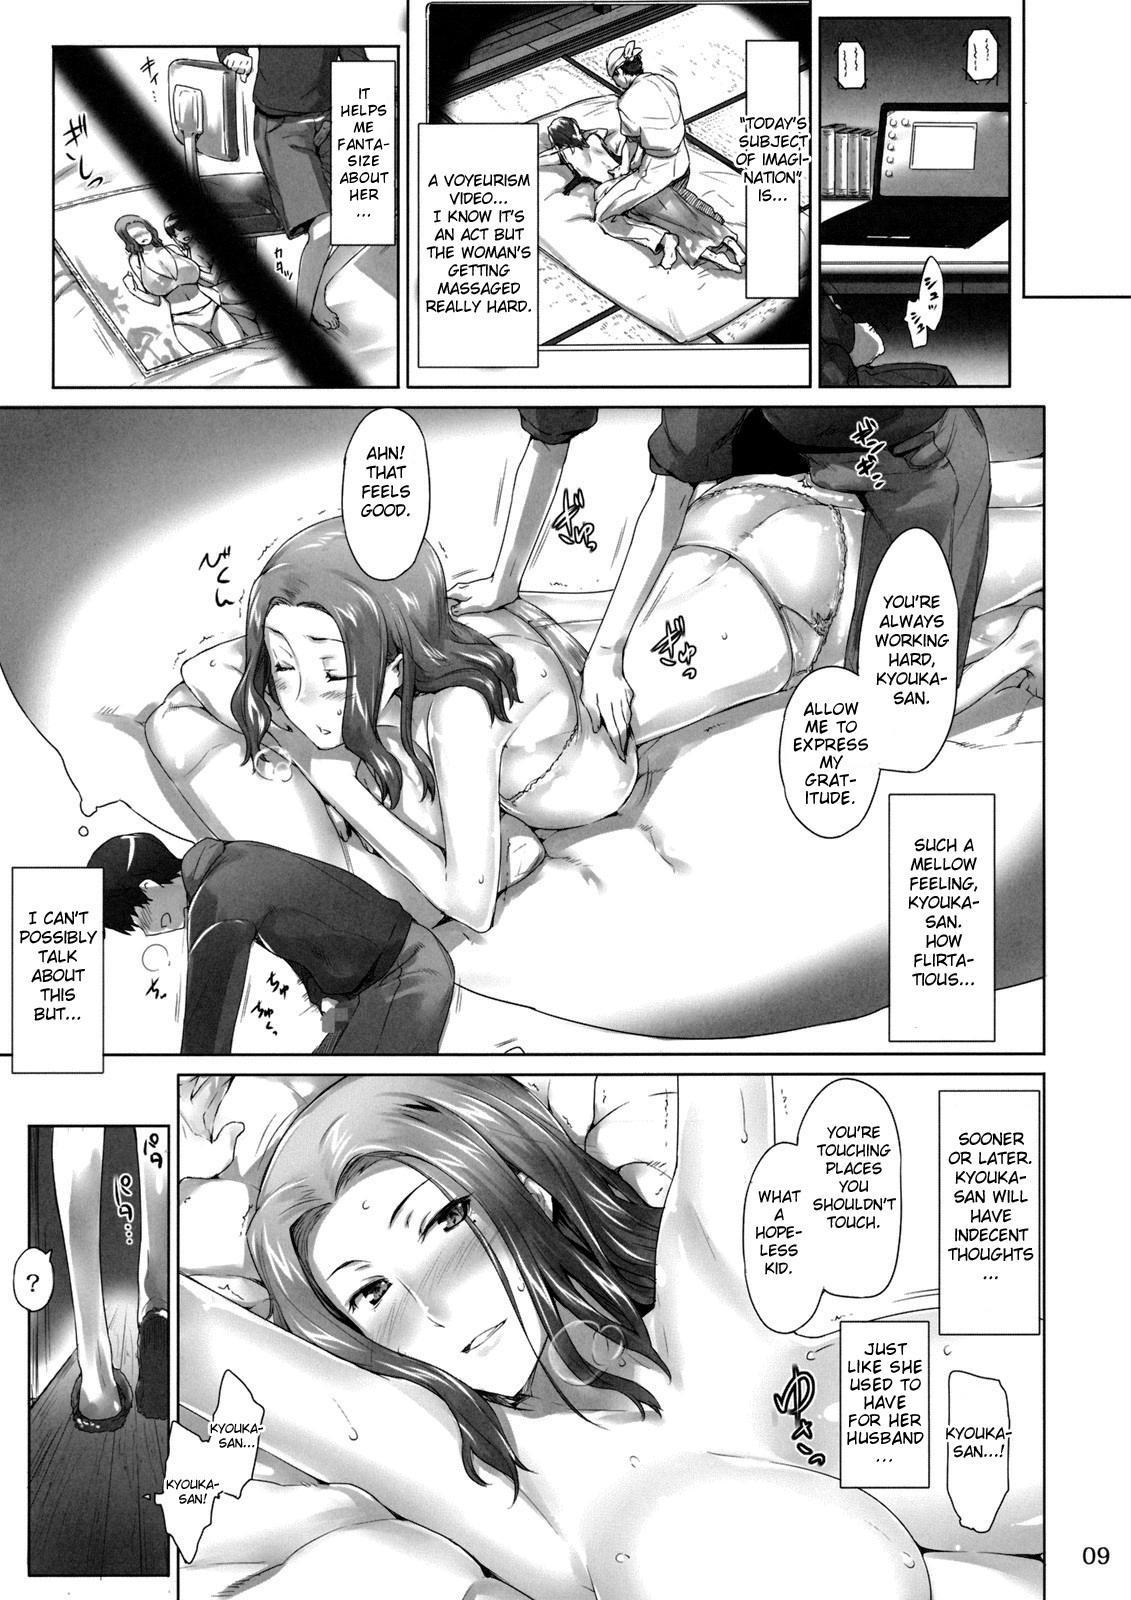 (C81) [MTSP (Jin)] Tachibana-san-chi no Dansei Jijou | Tachibana-san's Circumstances With a Man [English] {doujin-moe.us} 7